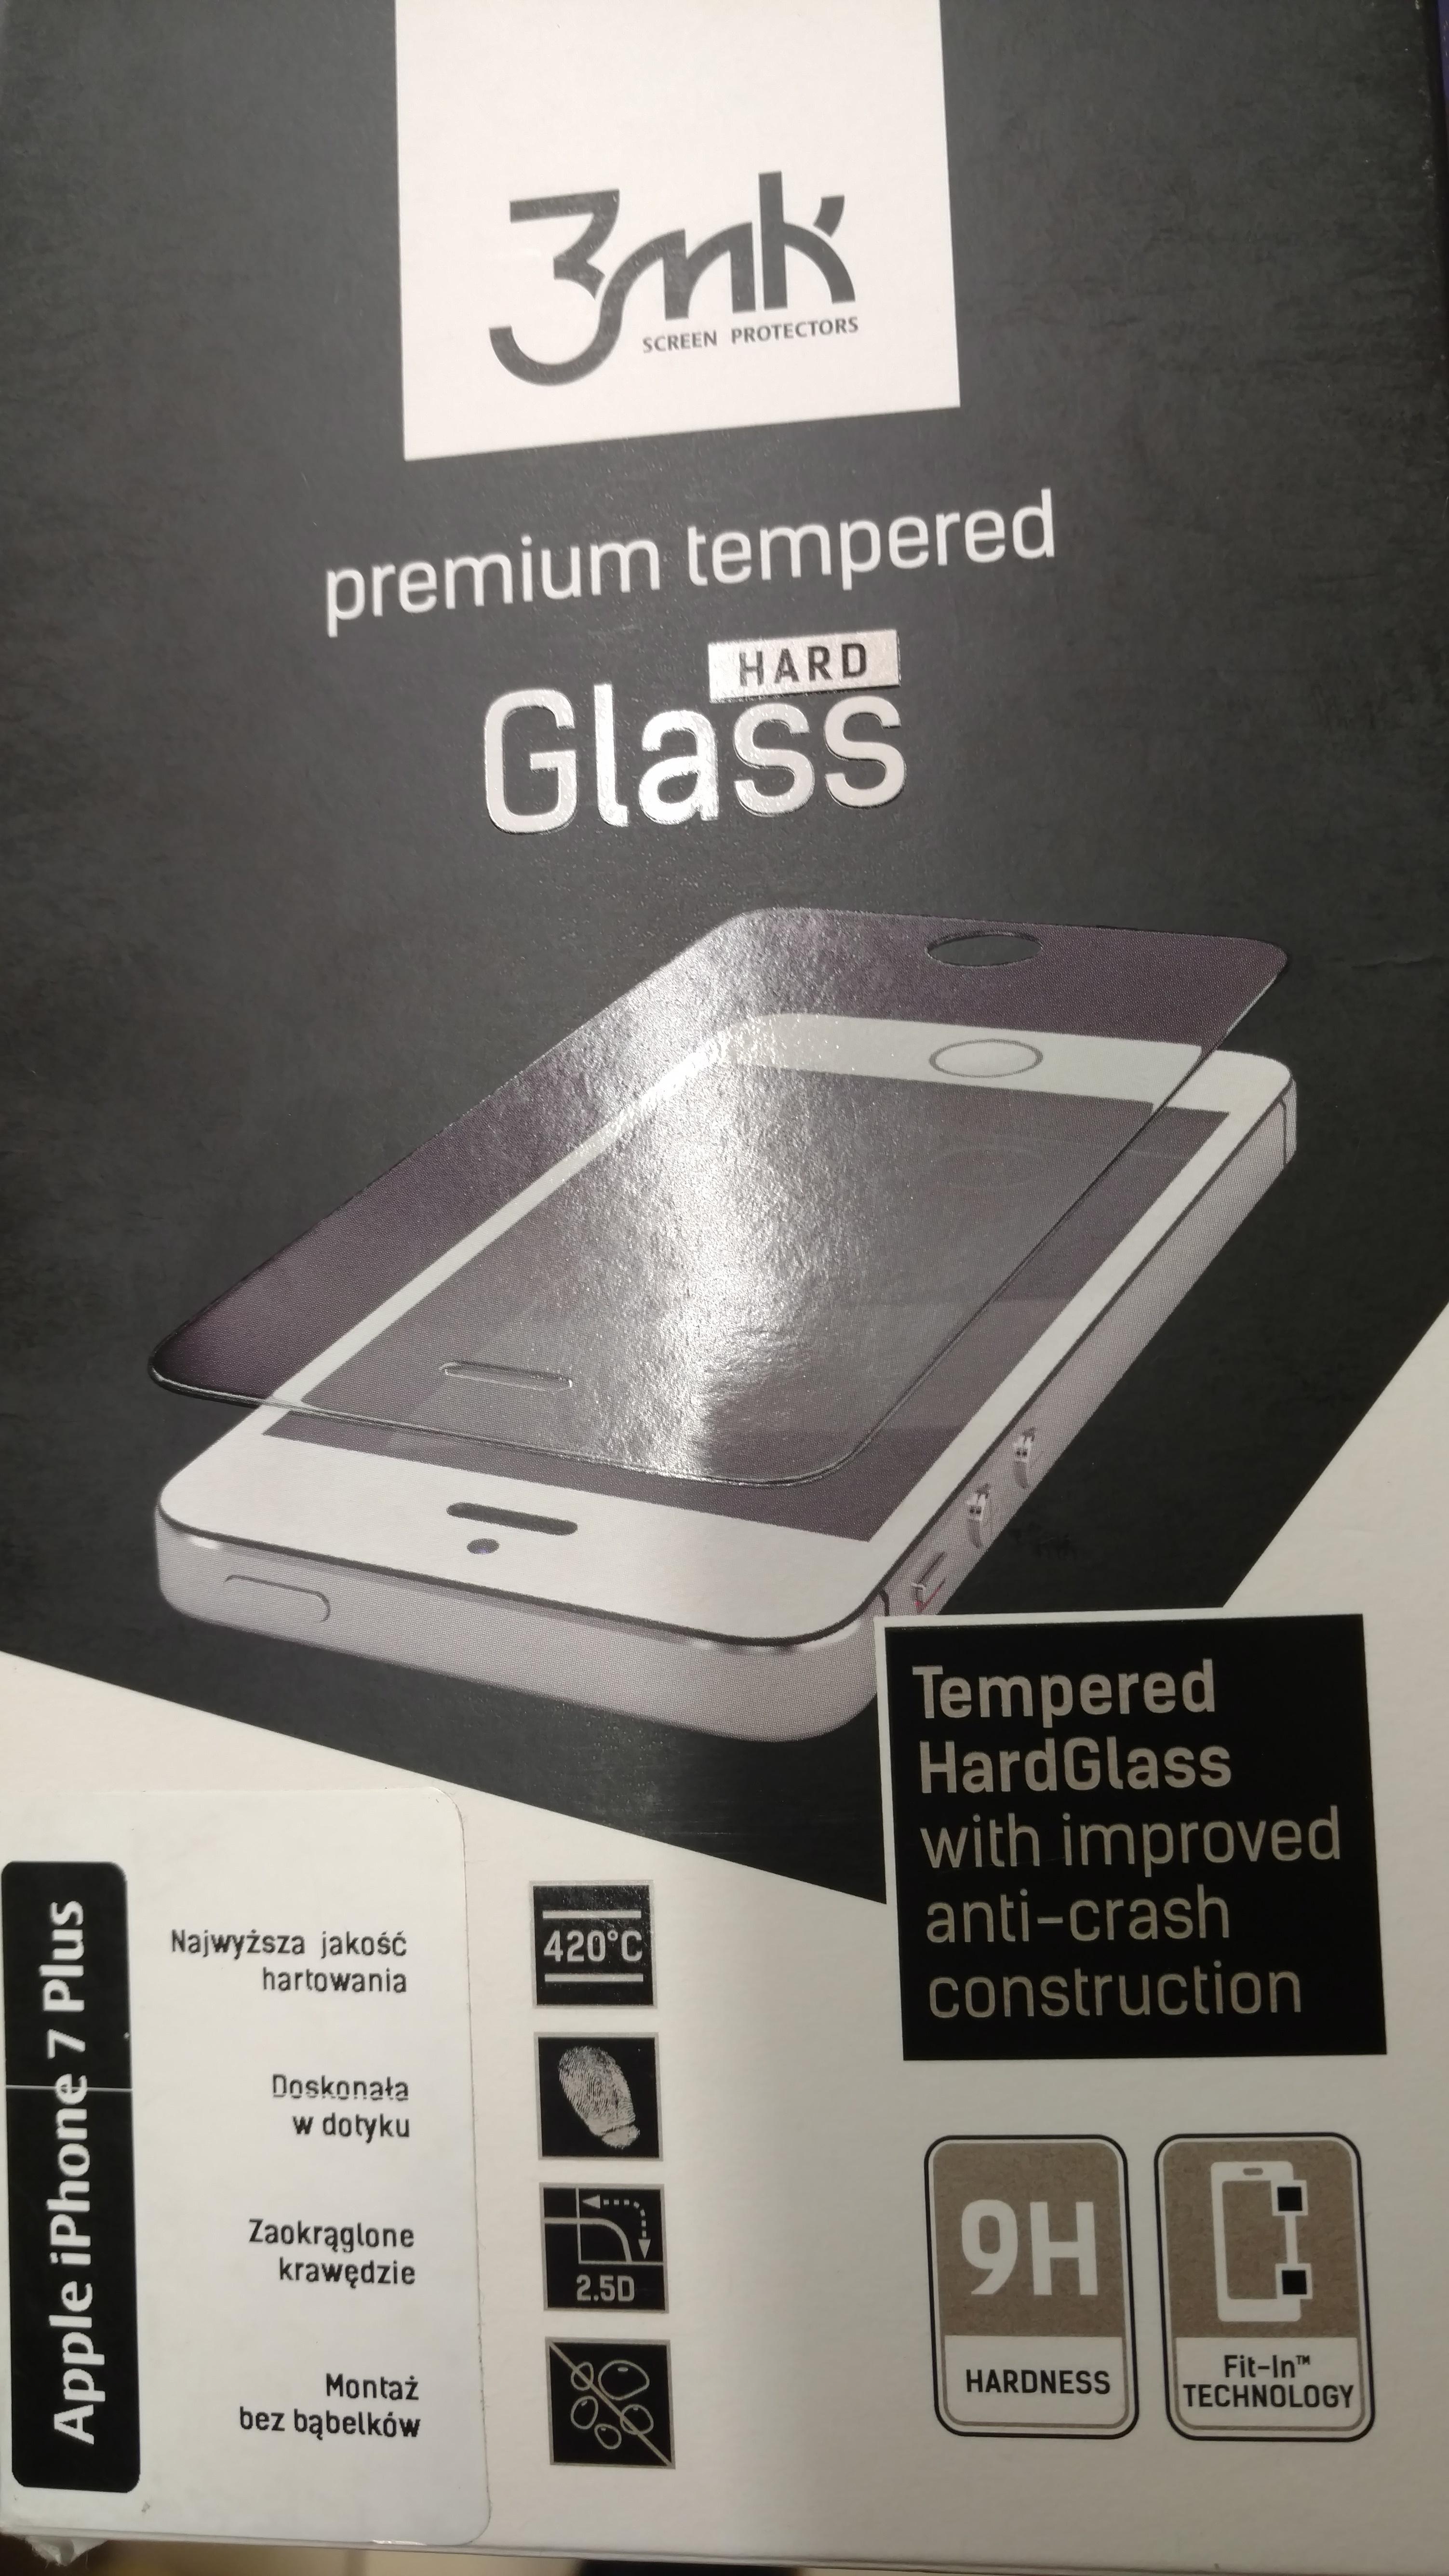 Szkło 3MK Apple Iphone